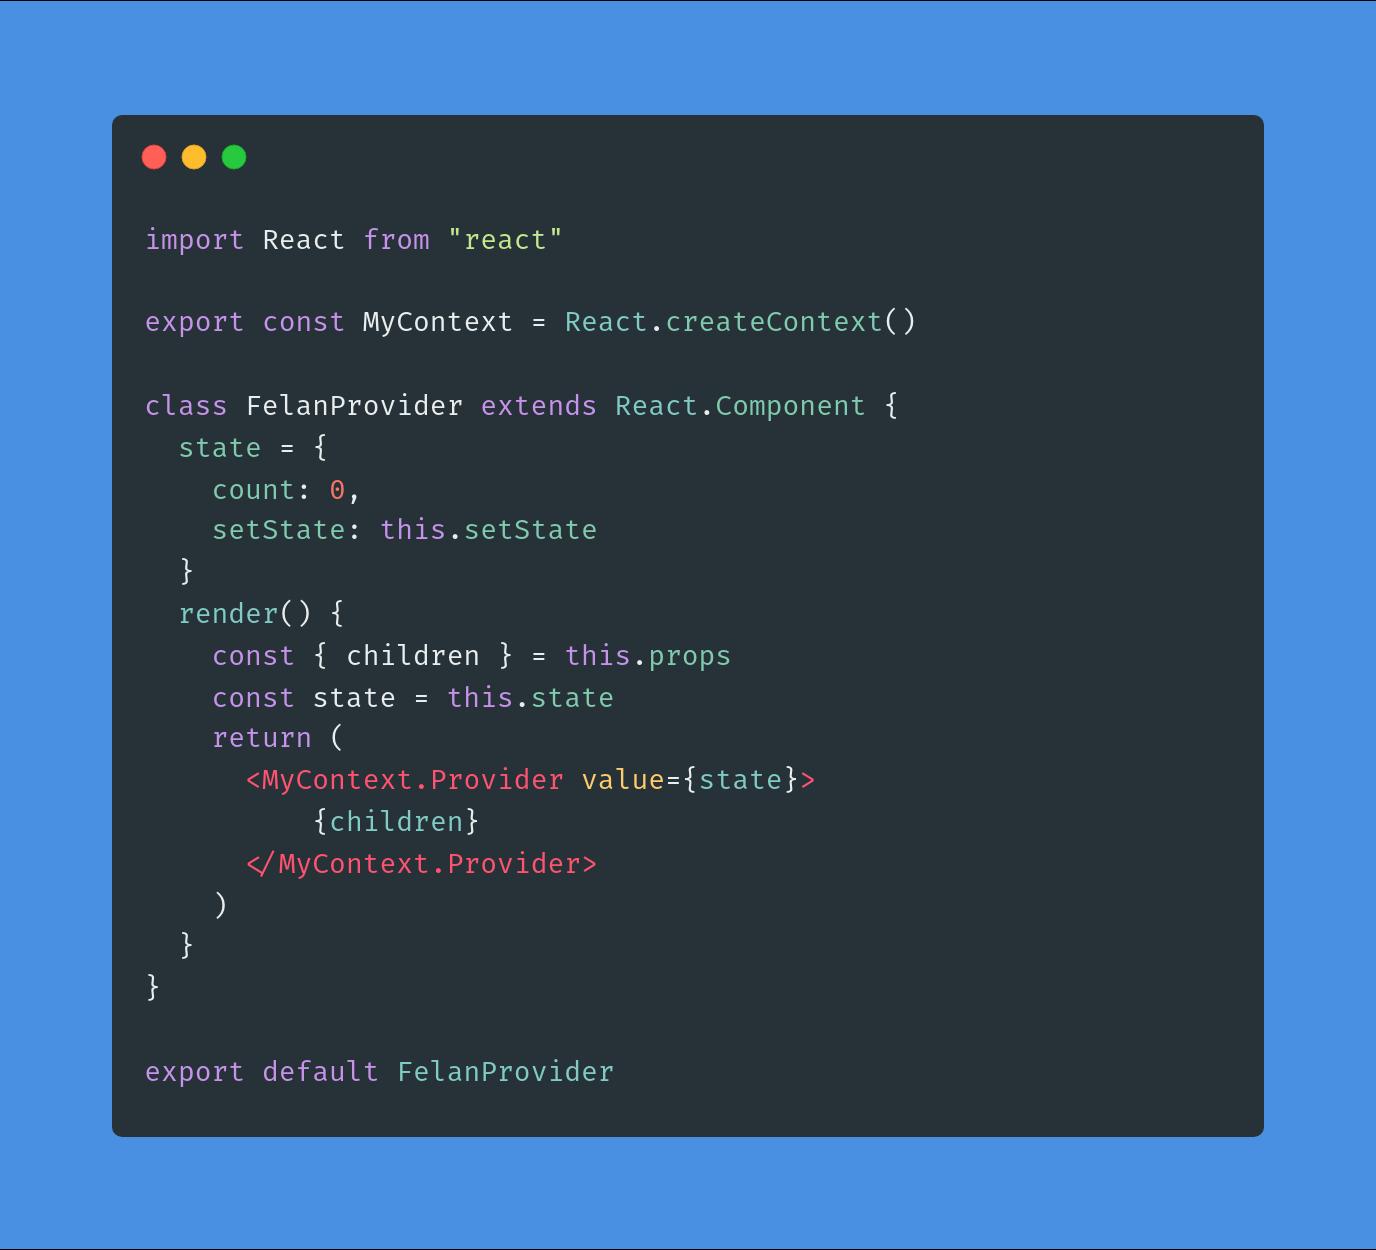 این روش خیلی بهتره ولی خوانایی کافی رو نداره از طرفی باعث میشه کد ما یک پارچه نباشه، به این مسئله فکر کنید که اگر به جای کلاس کامپوننت فاکنشن کامپوننت بود setState رو کجا میخواستیم قرار بدیم ؟